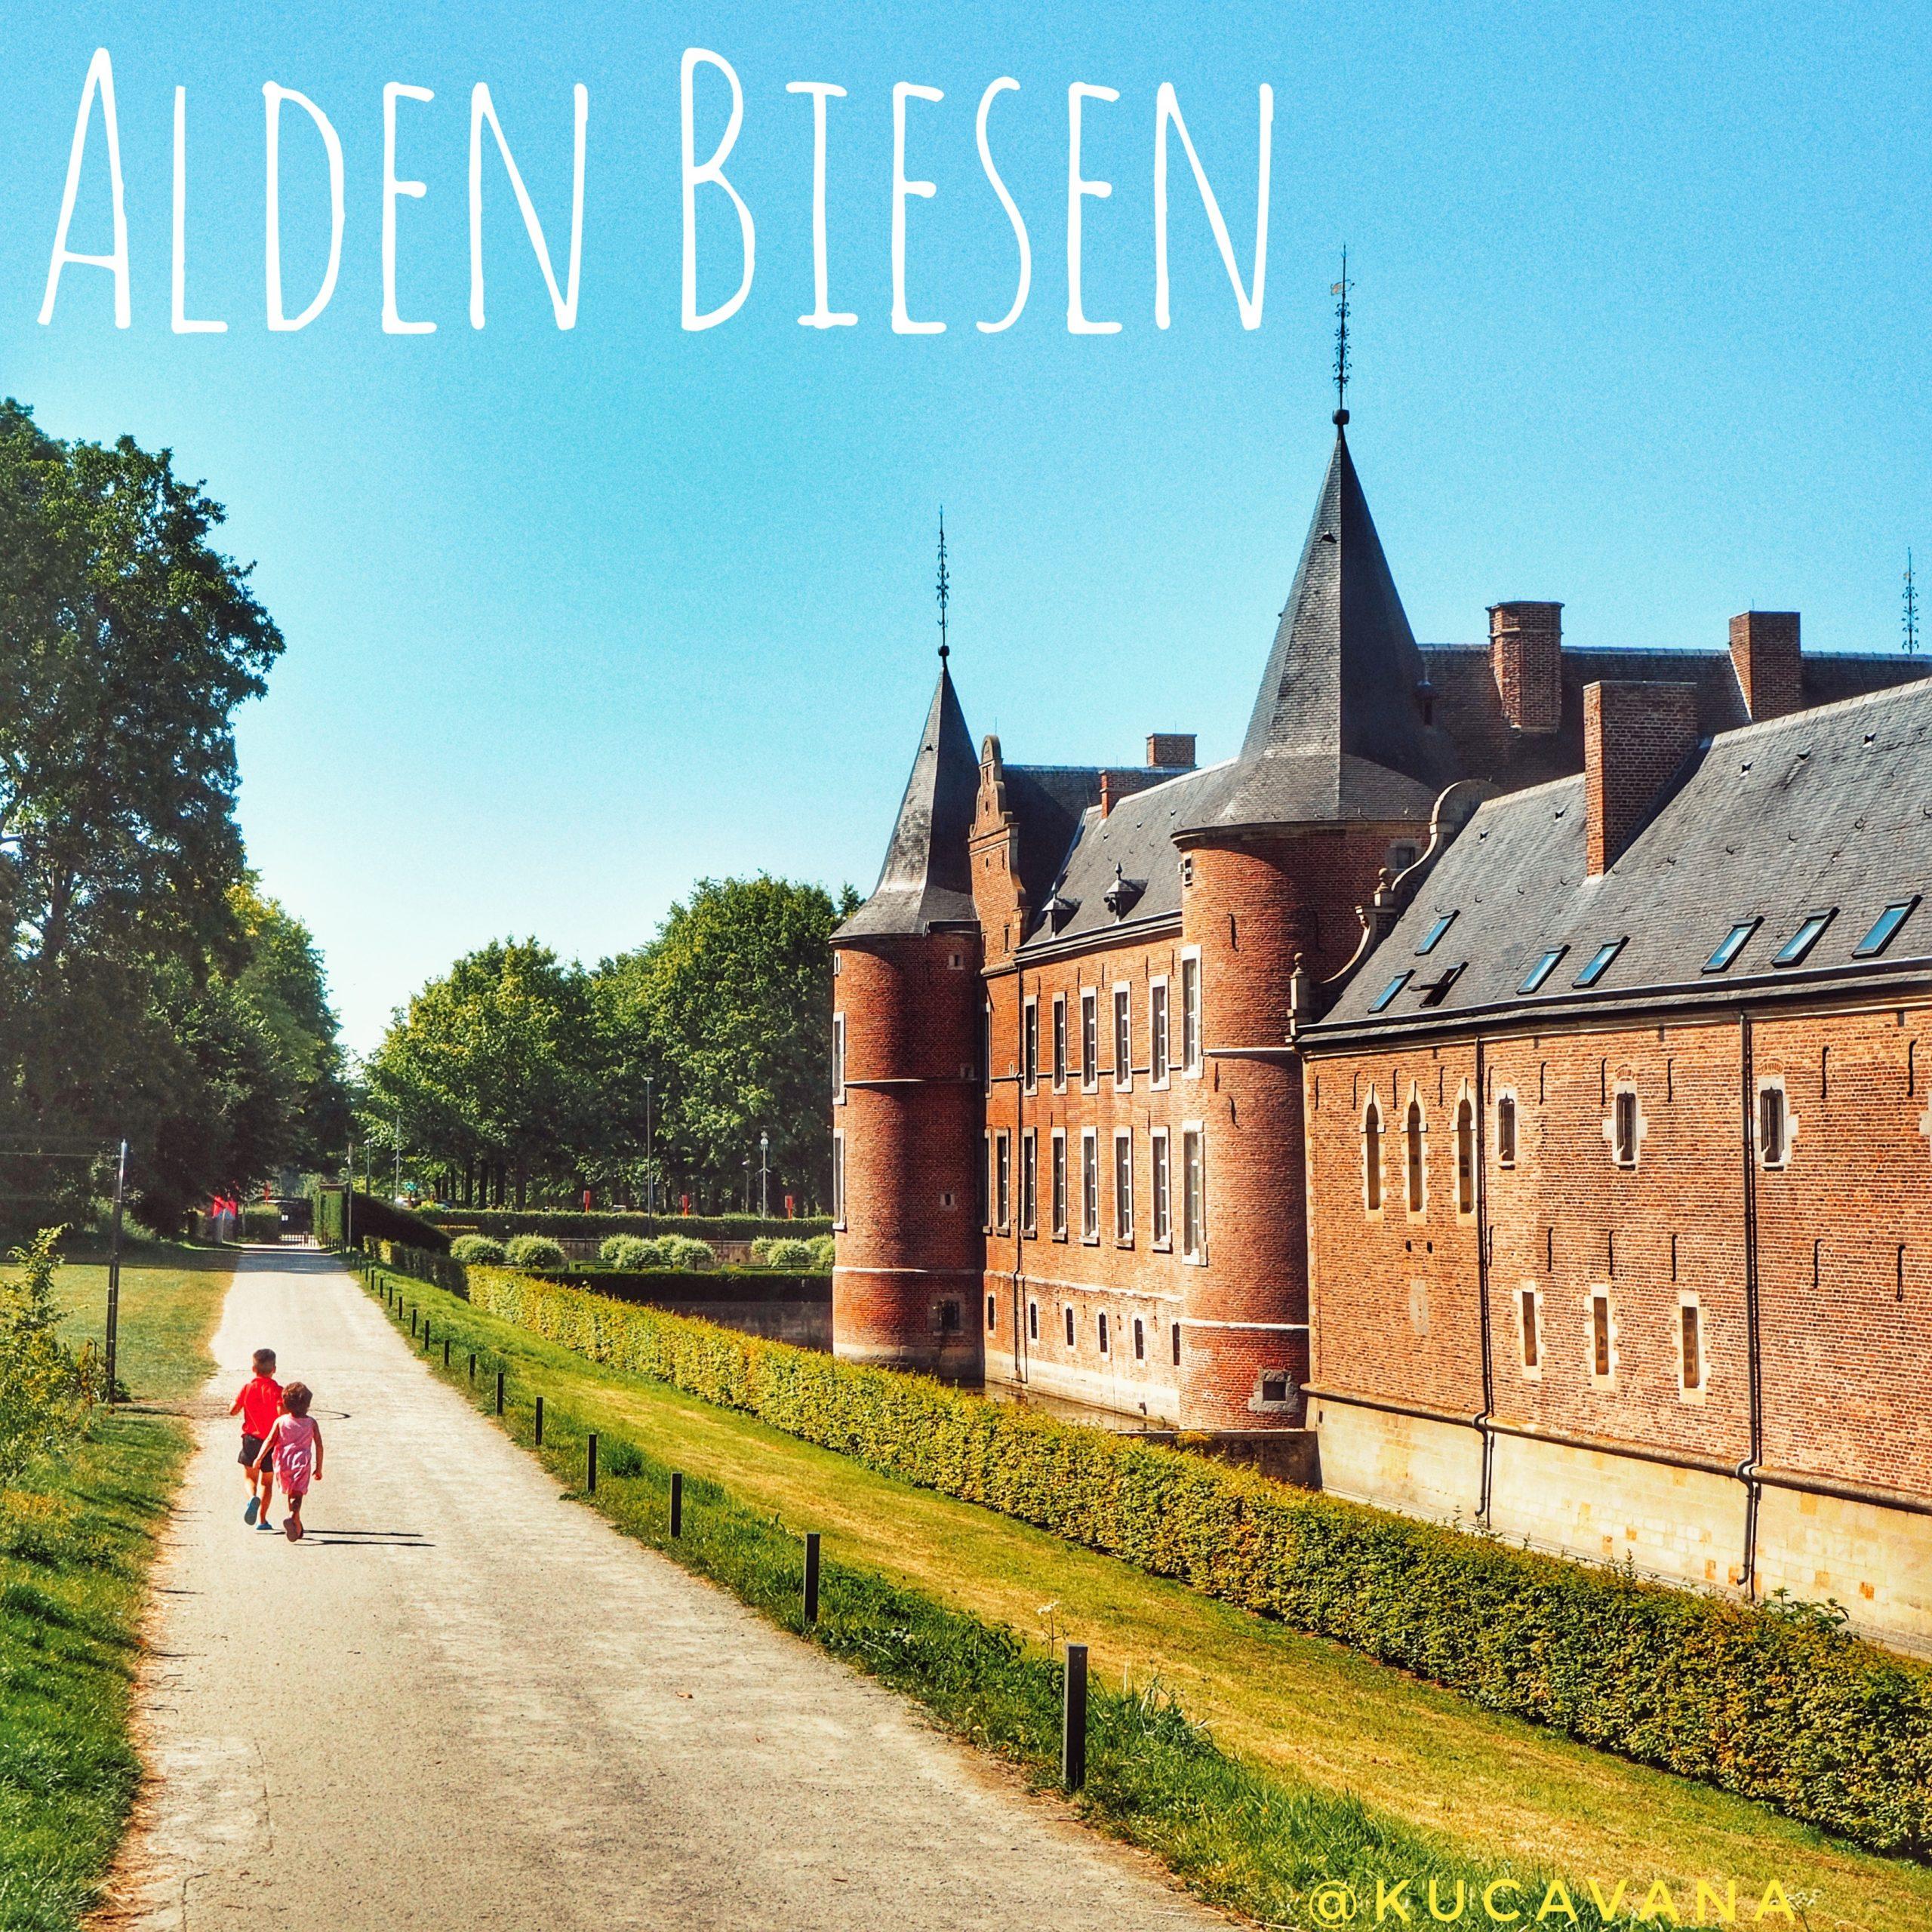 Alden Biesen, un dels castells més grans de Bèlgica